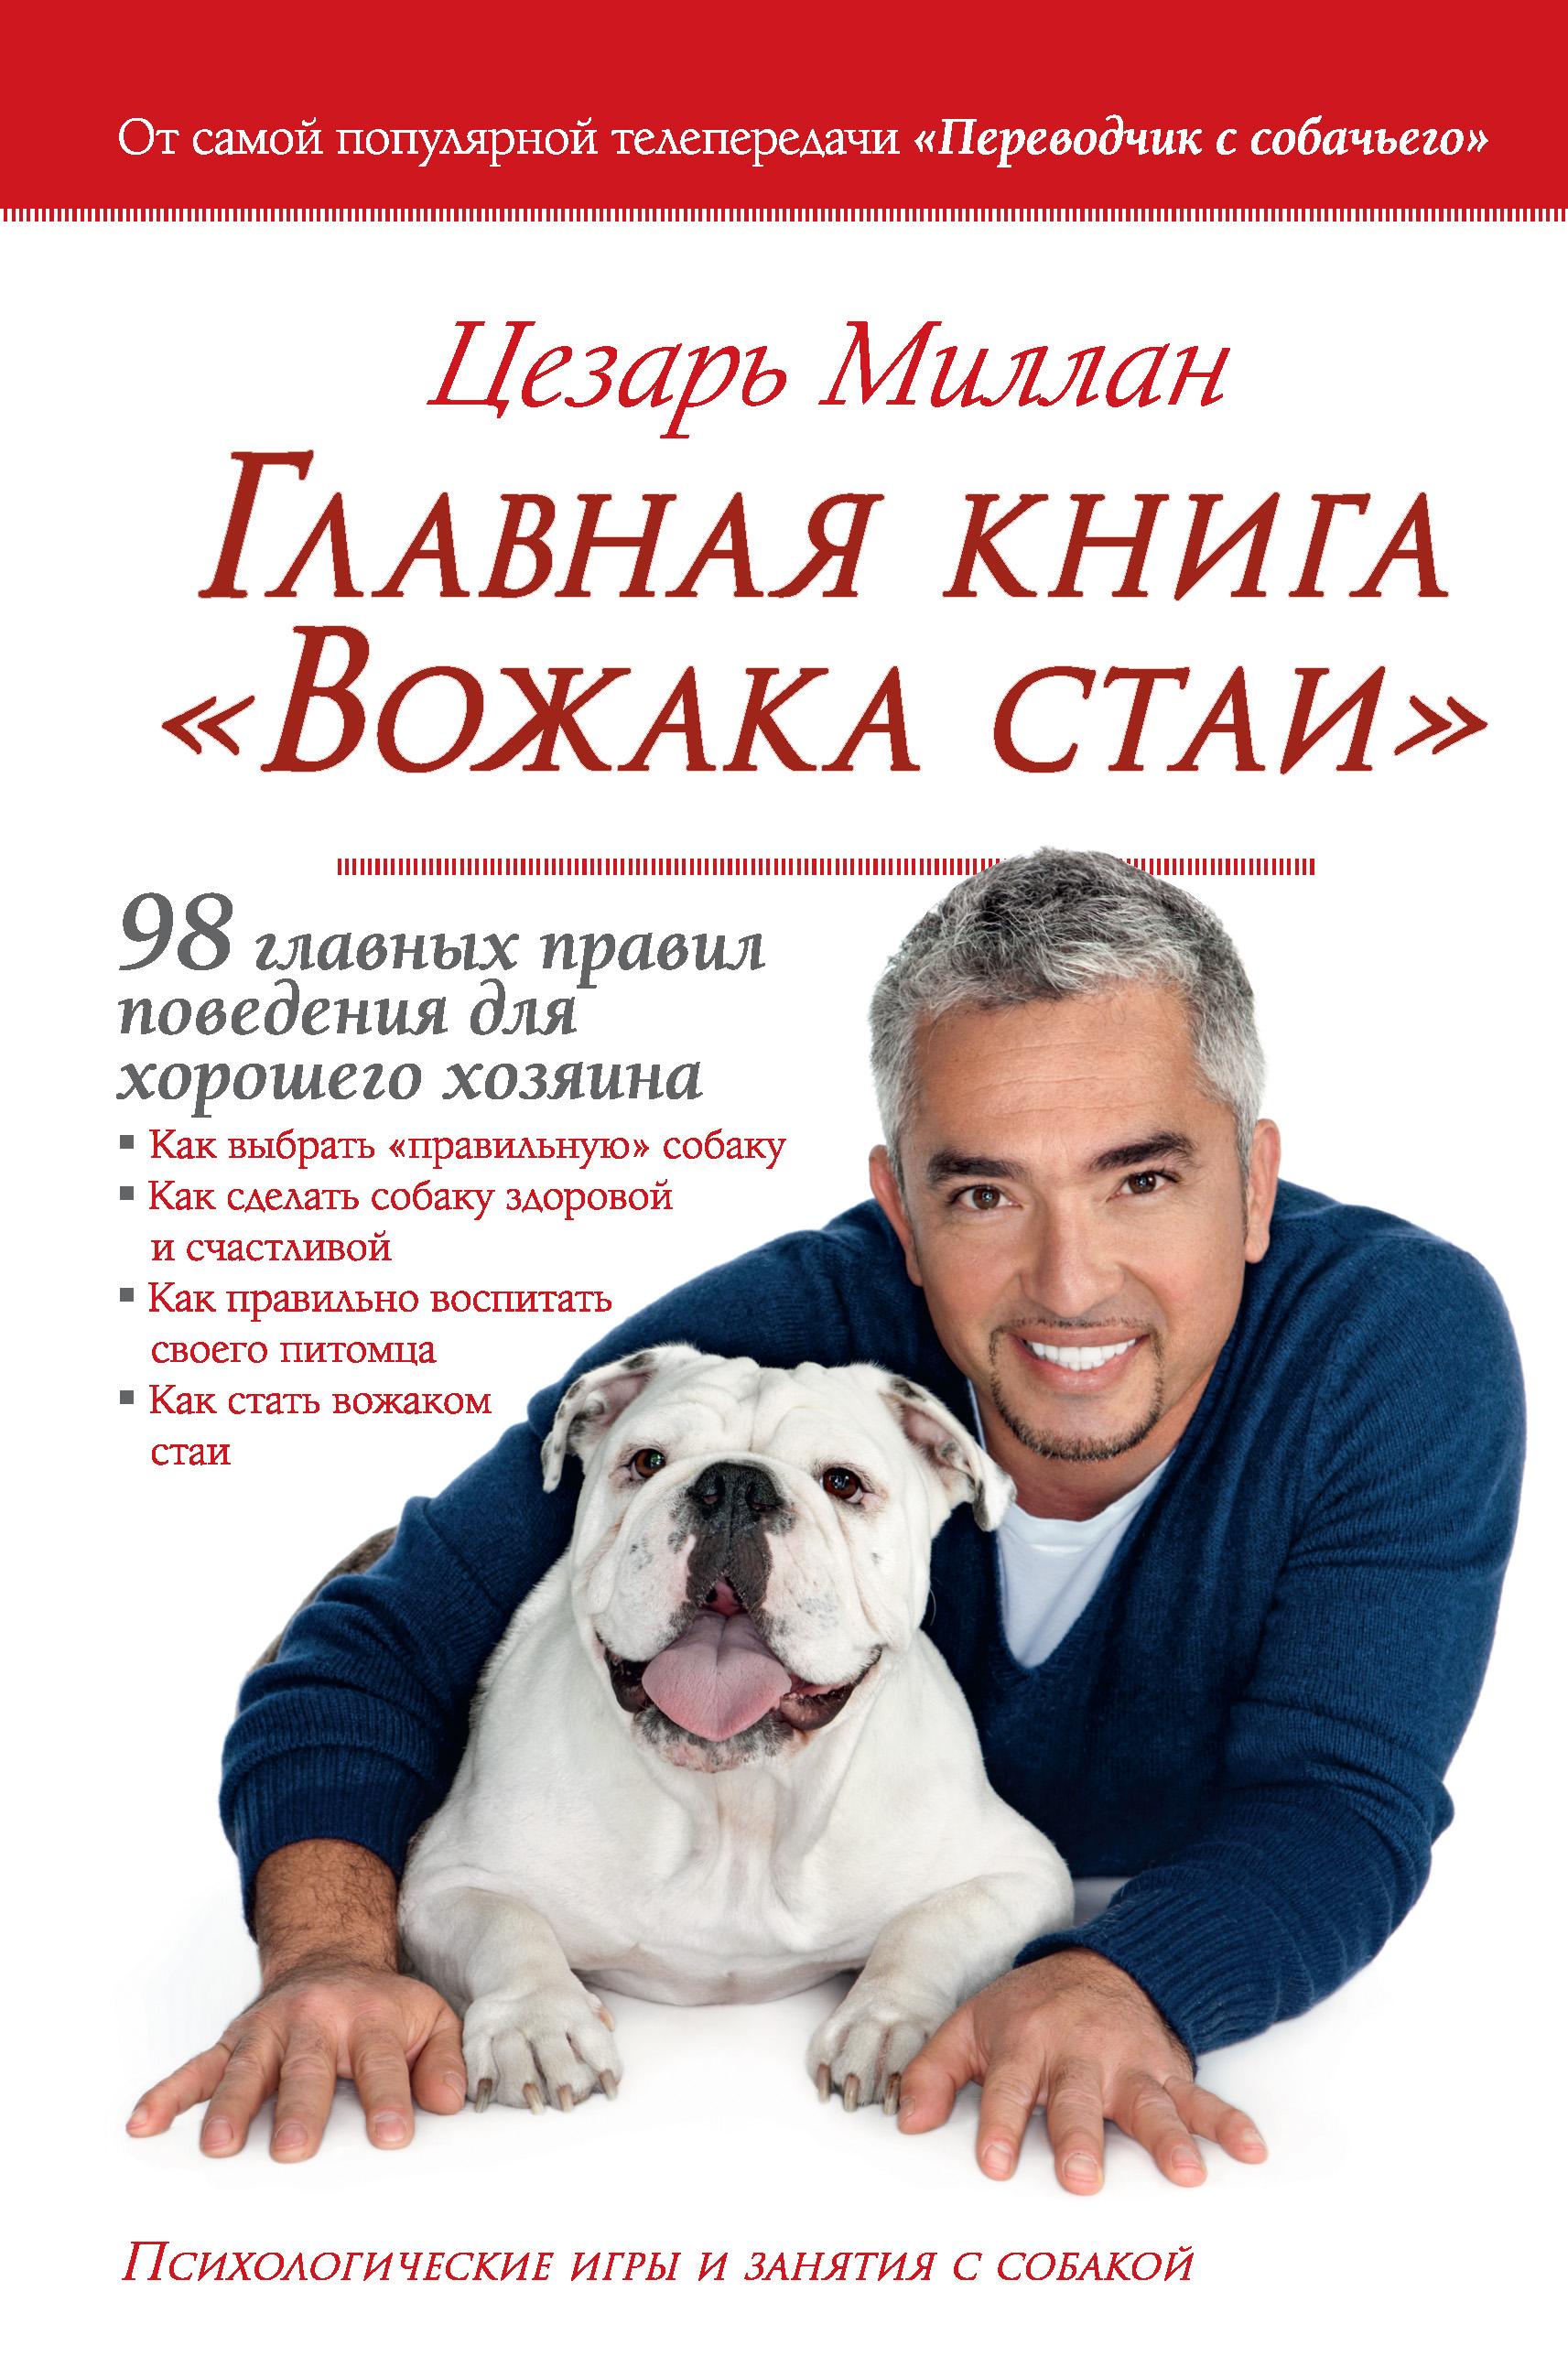 Купить книгу Главная книга «Вожака стаи». 98 главных правил поведения для хорошего хозяина, автора Цезаря Миллана